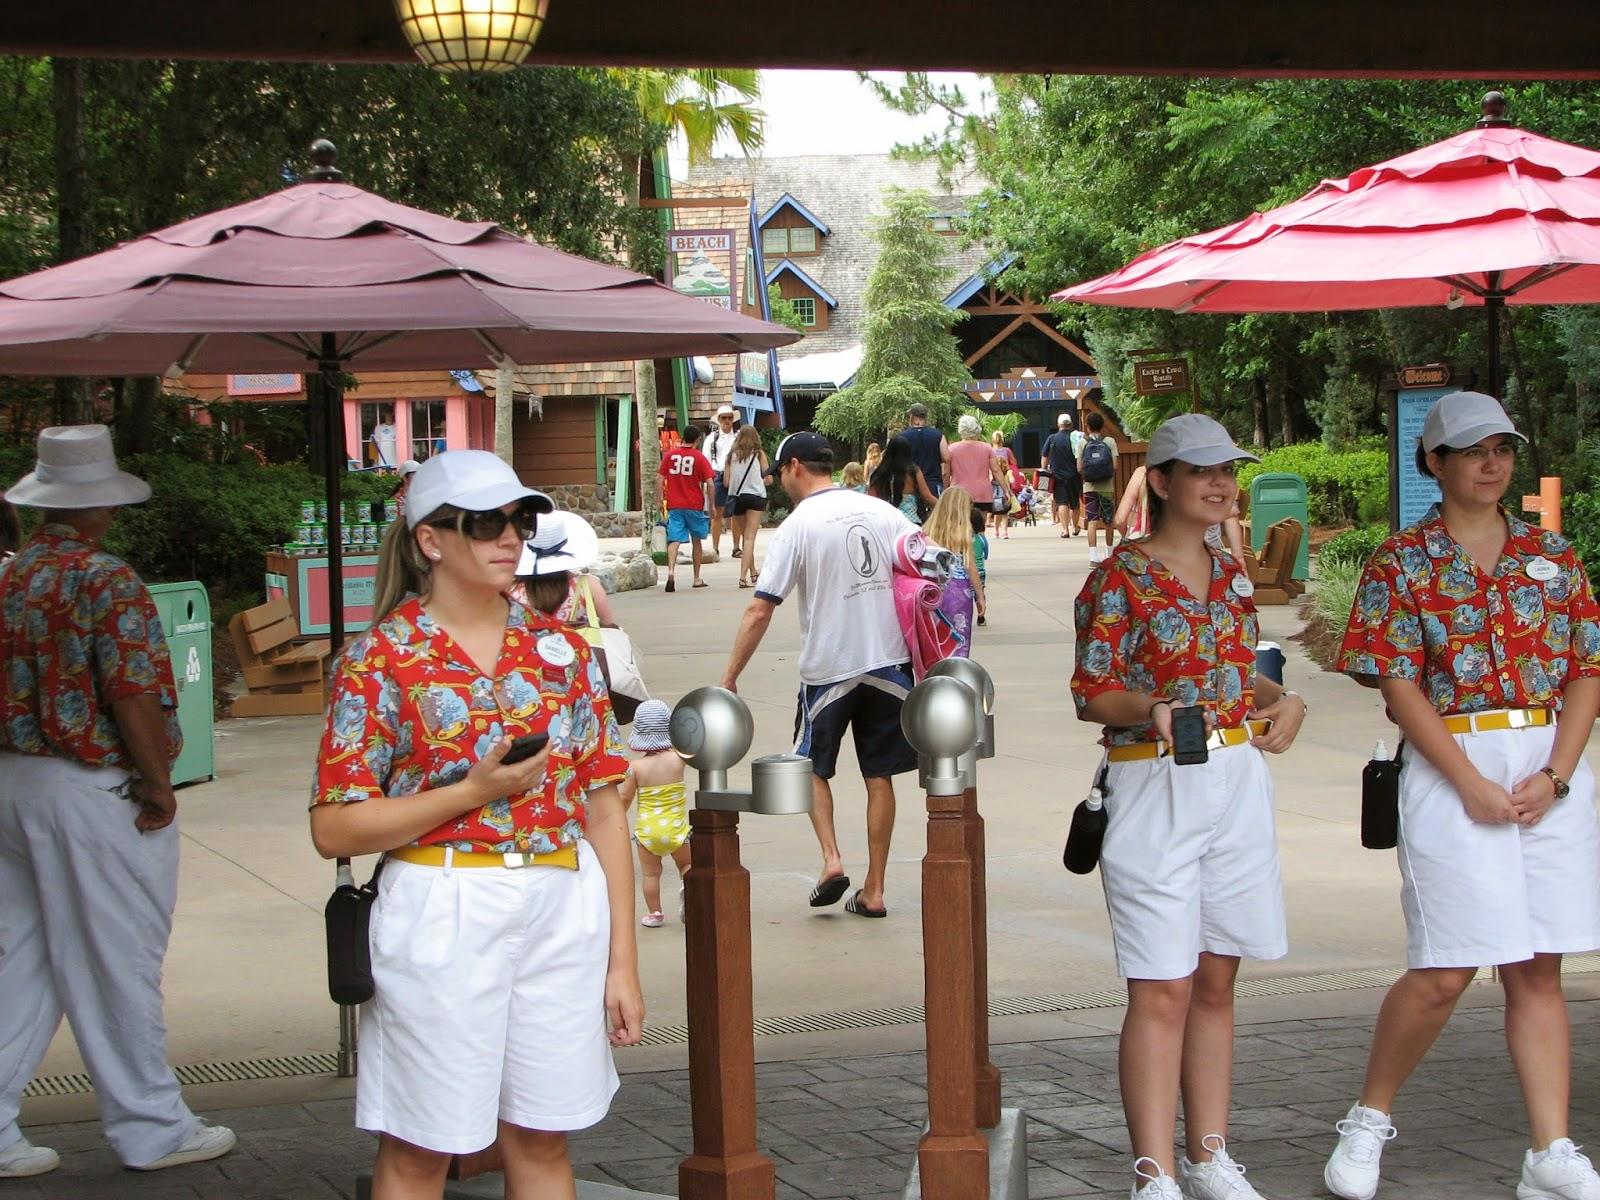 Bonao Internacional Galeria De Imagenes Parque Acuatico Disney